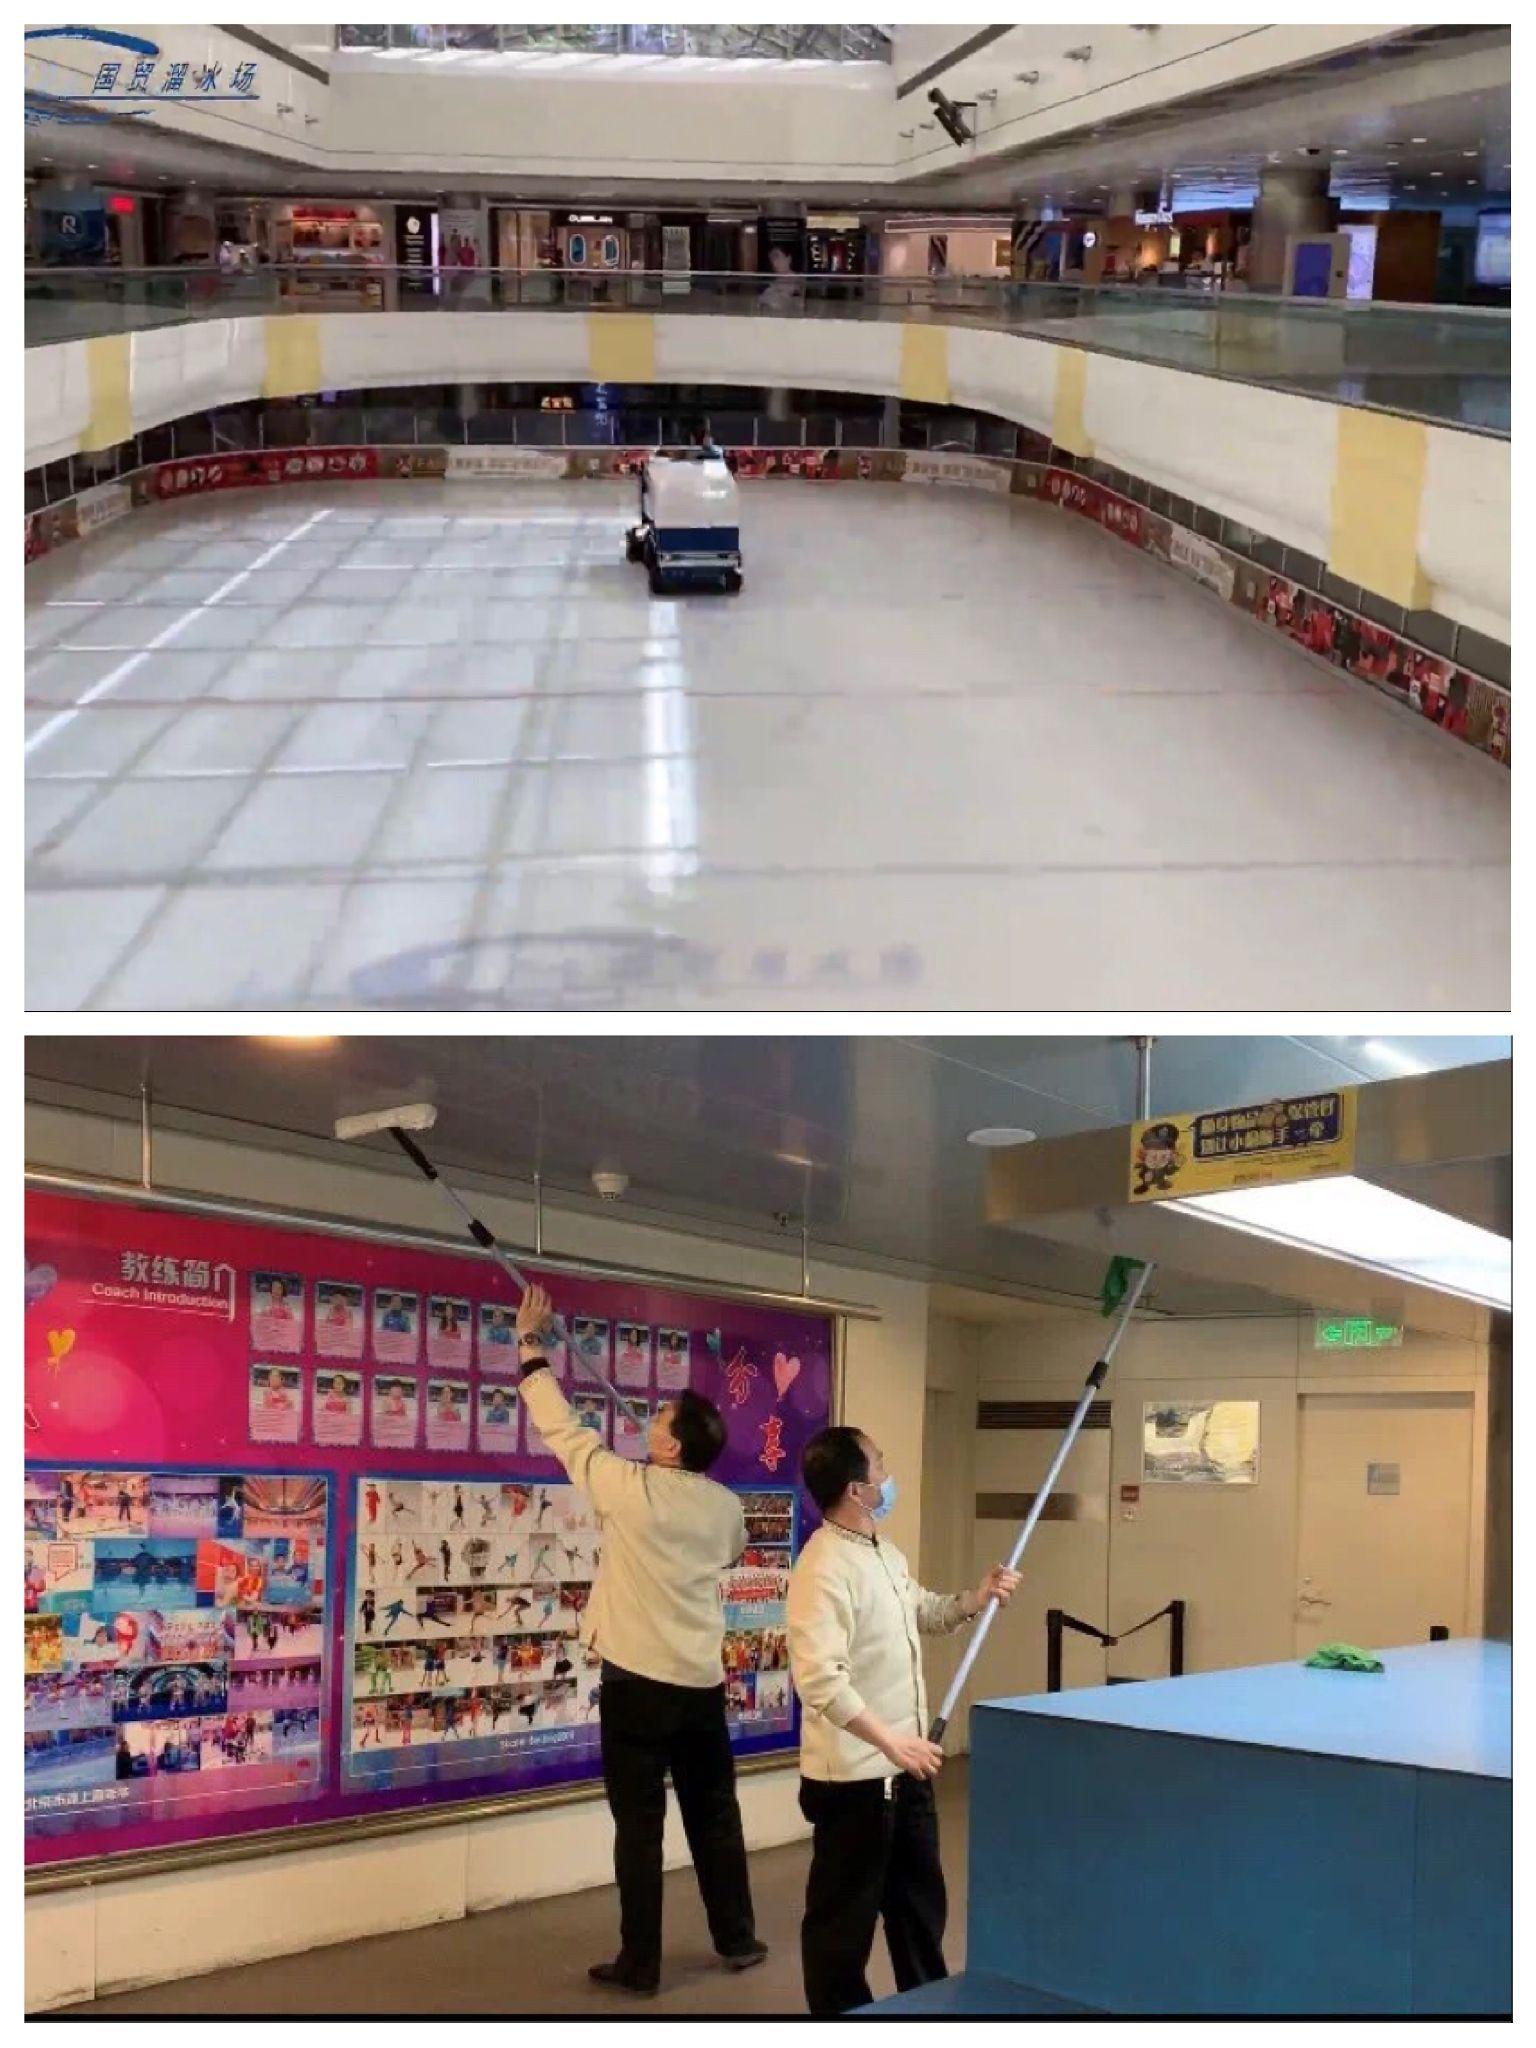 【摩天注册】场SKP生日庆重启北京商摩天注册场复工图片